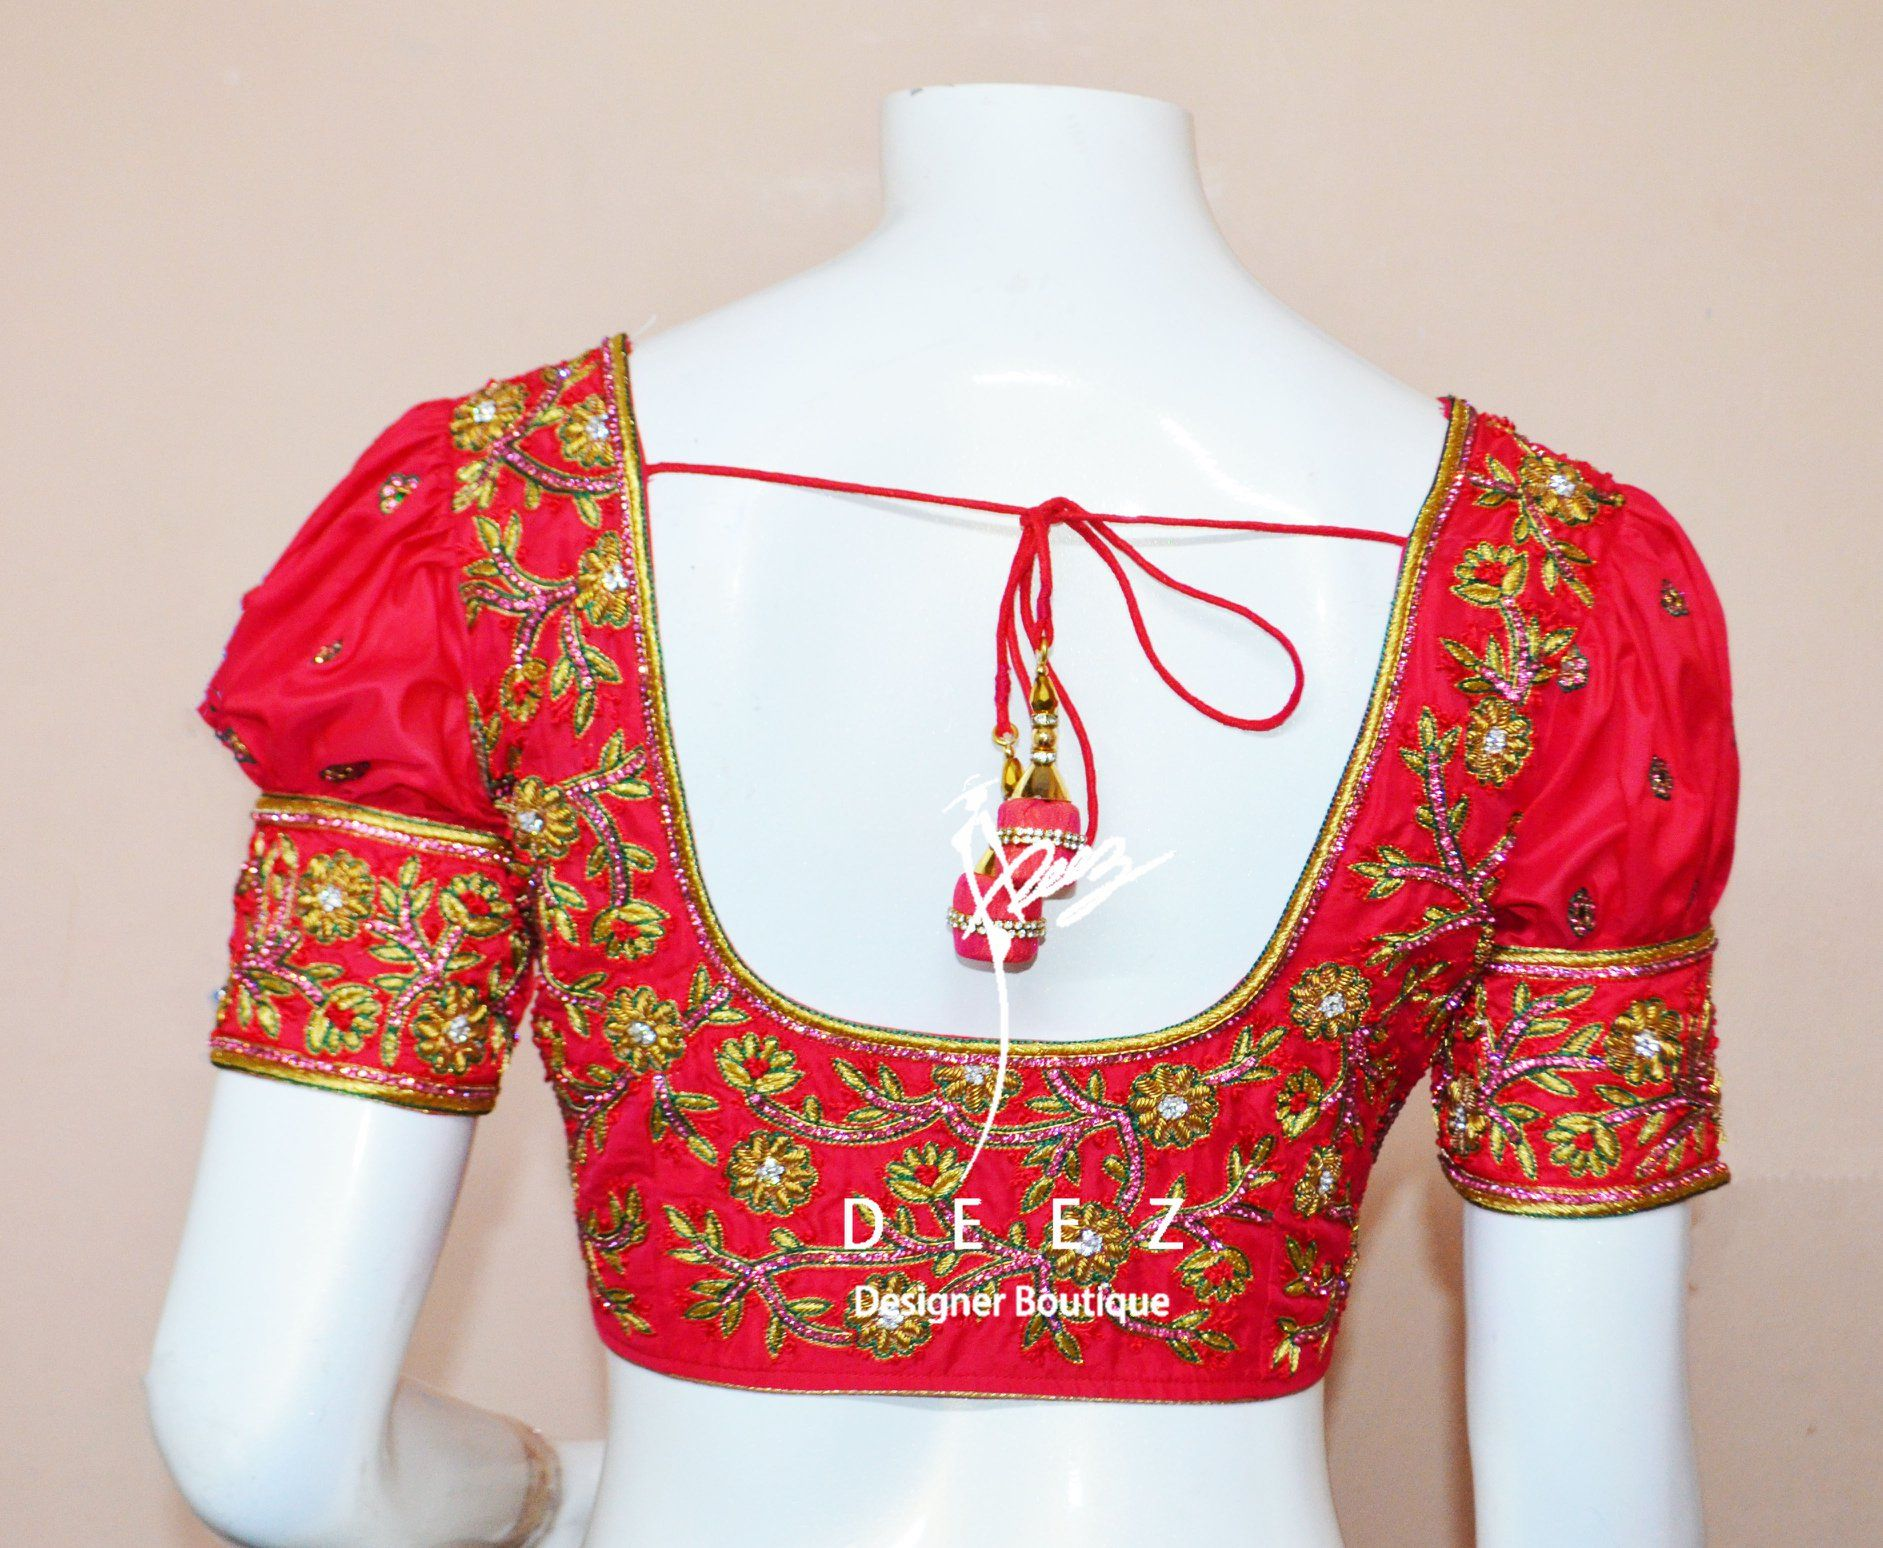 0d7bd0c311787f Deez Designer Boutique.  br  Contact   095429 78845.